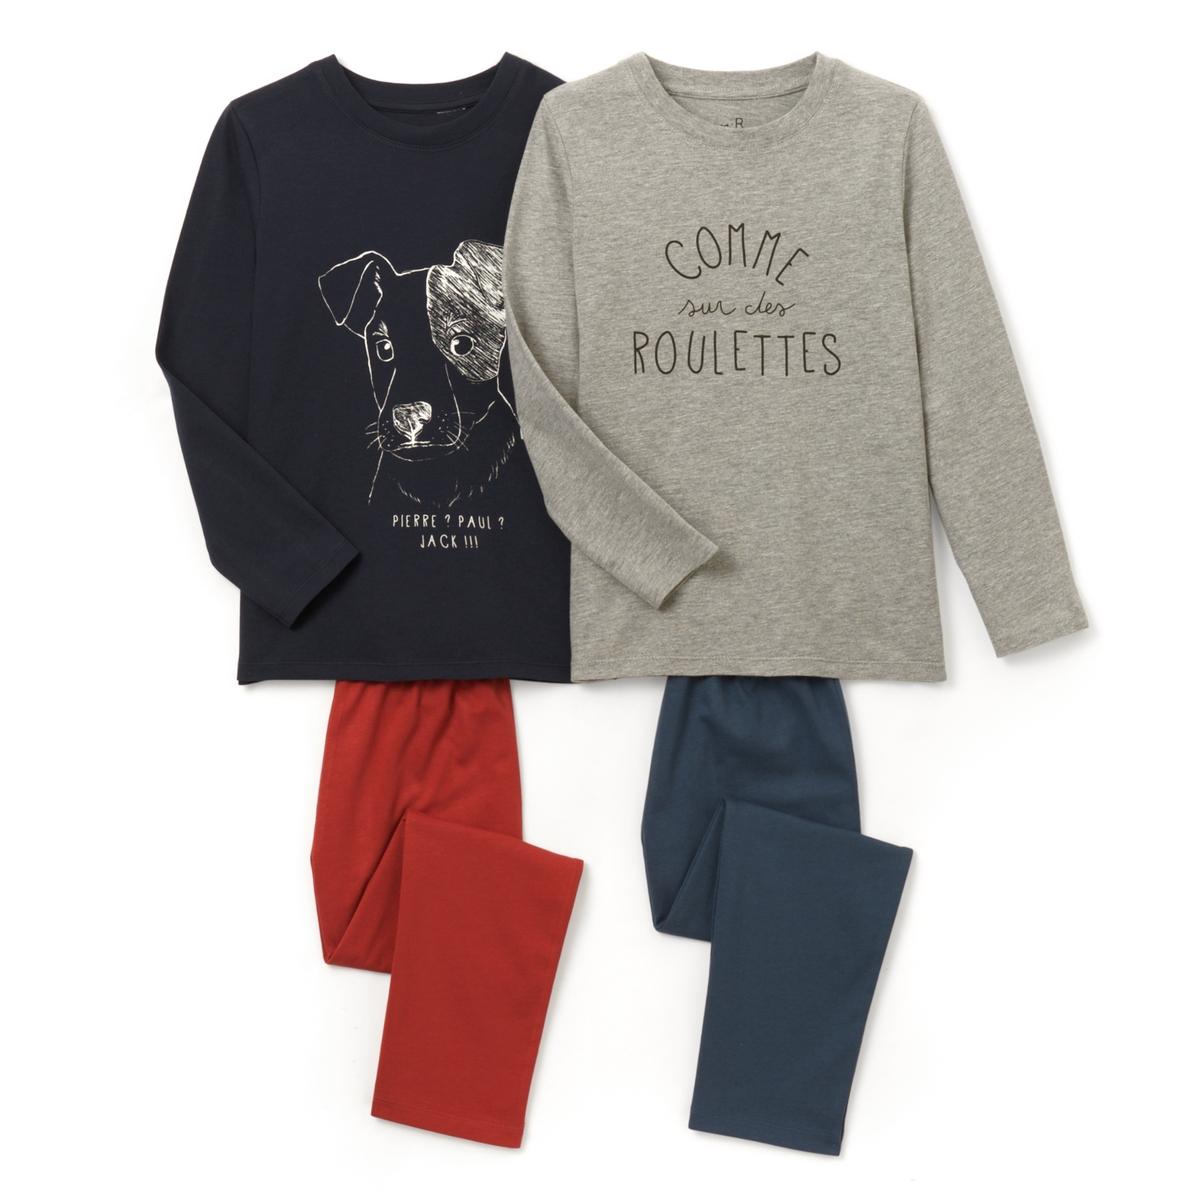 2 пижамы 2-12 летПижама: футболка с длинными рукавами и брюки. В комплекте 2 пижамы: Футболки с разными рисунками  . Брюки однотонные с эластичными поясами.Состав и описание :    Материал       Джерси 100% хлопок  (кроме цвета серый меланж: преимущественно из хлопка).  Уход: : - Машинная стирка при 30°C с вещами схожих цветов. Стирать, сушить и гладить с изнаночной стороны. Машинная сушка в умеренном режиме. Гладить на низкой температуре.<br><br>Цвет: синий + серый меланж + красный<br>Размер: 4 года - 102 см.2 года - 86 см.12 лет -150 см.10 лет - 138 см.6 лет - 114 см.5 лет - 108 см.8 лет - 126 см